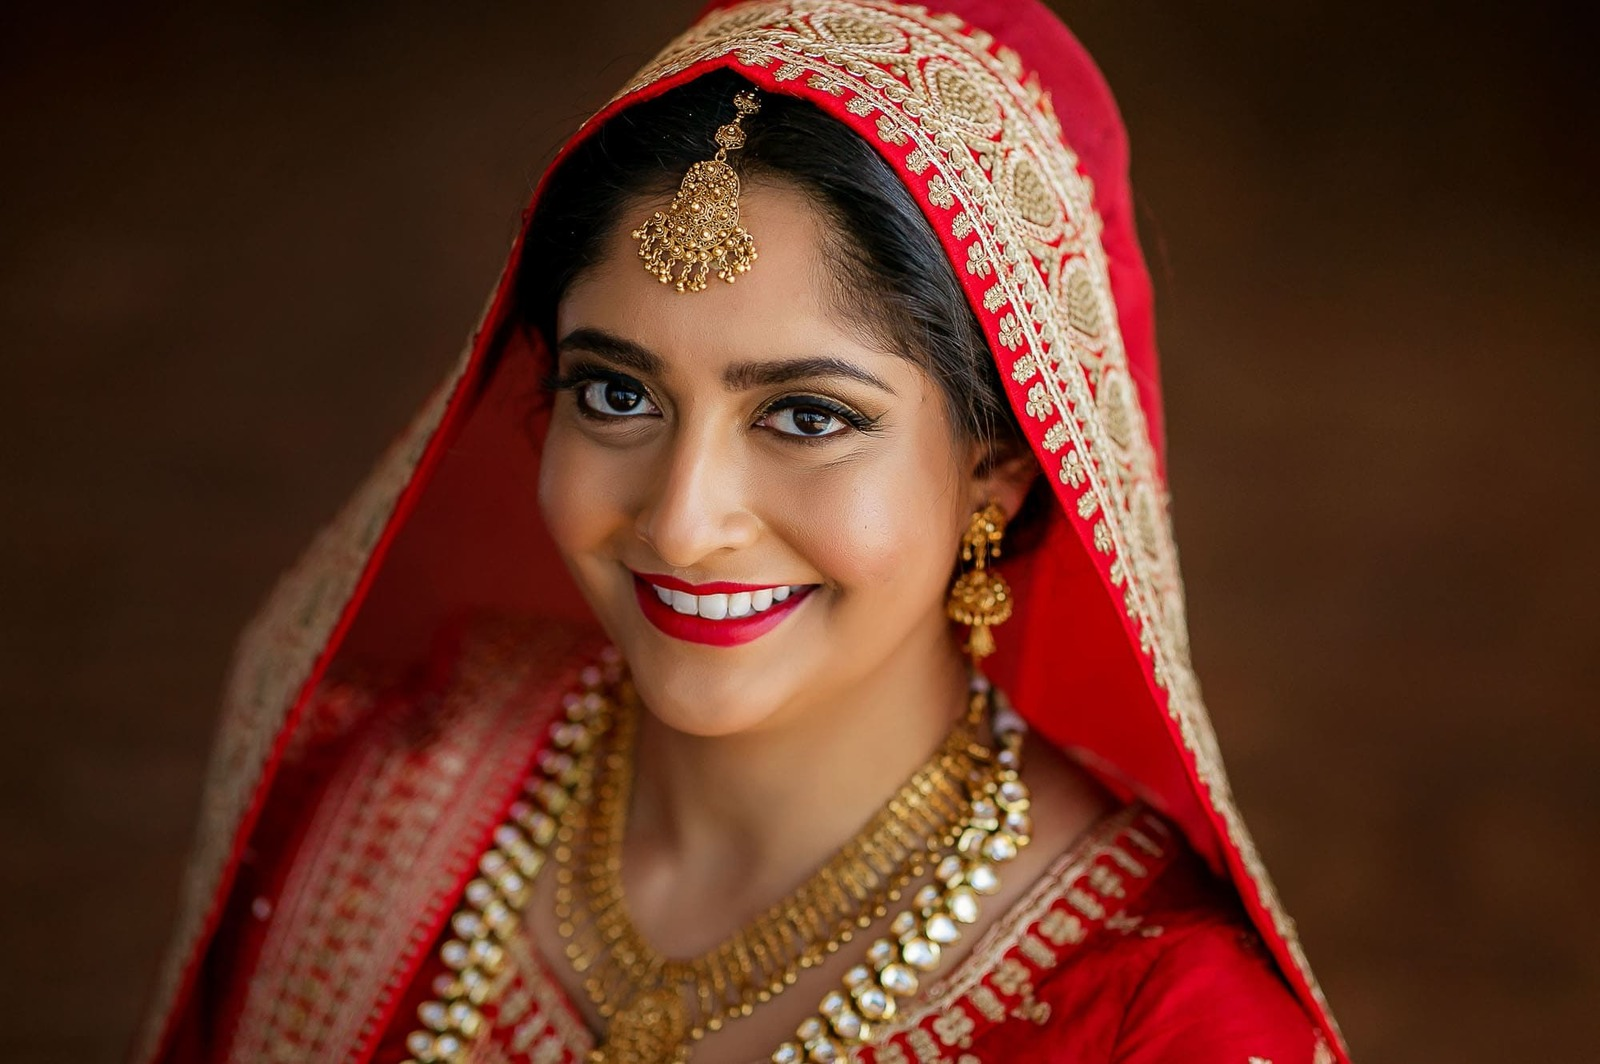 hindu wedding costa rica